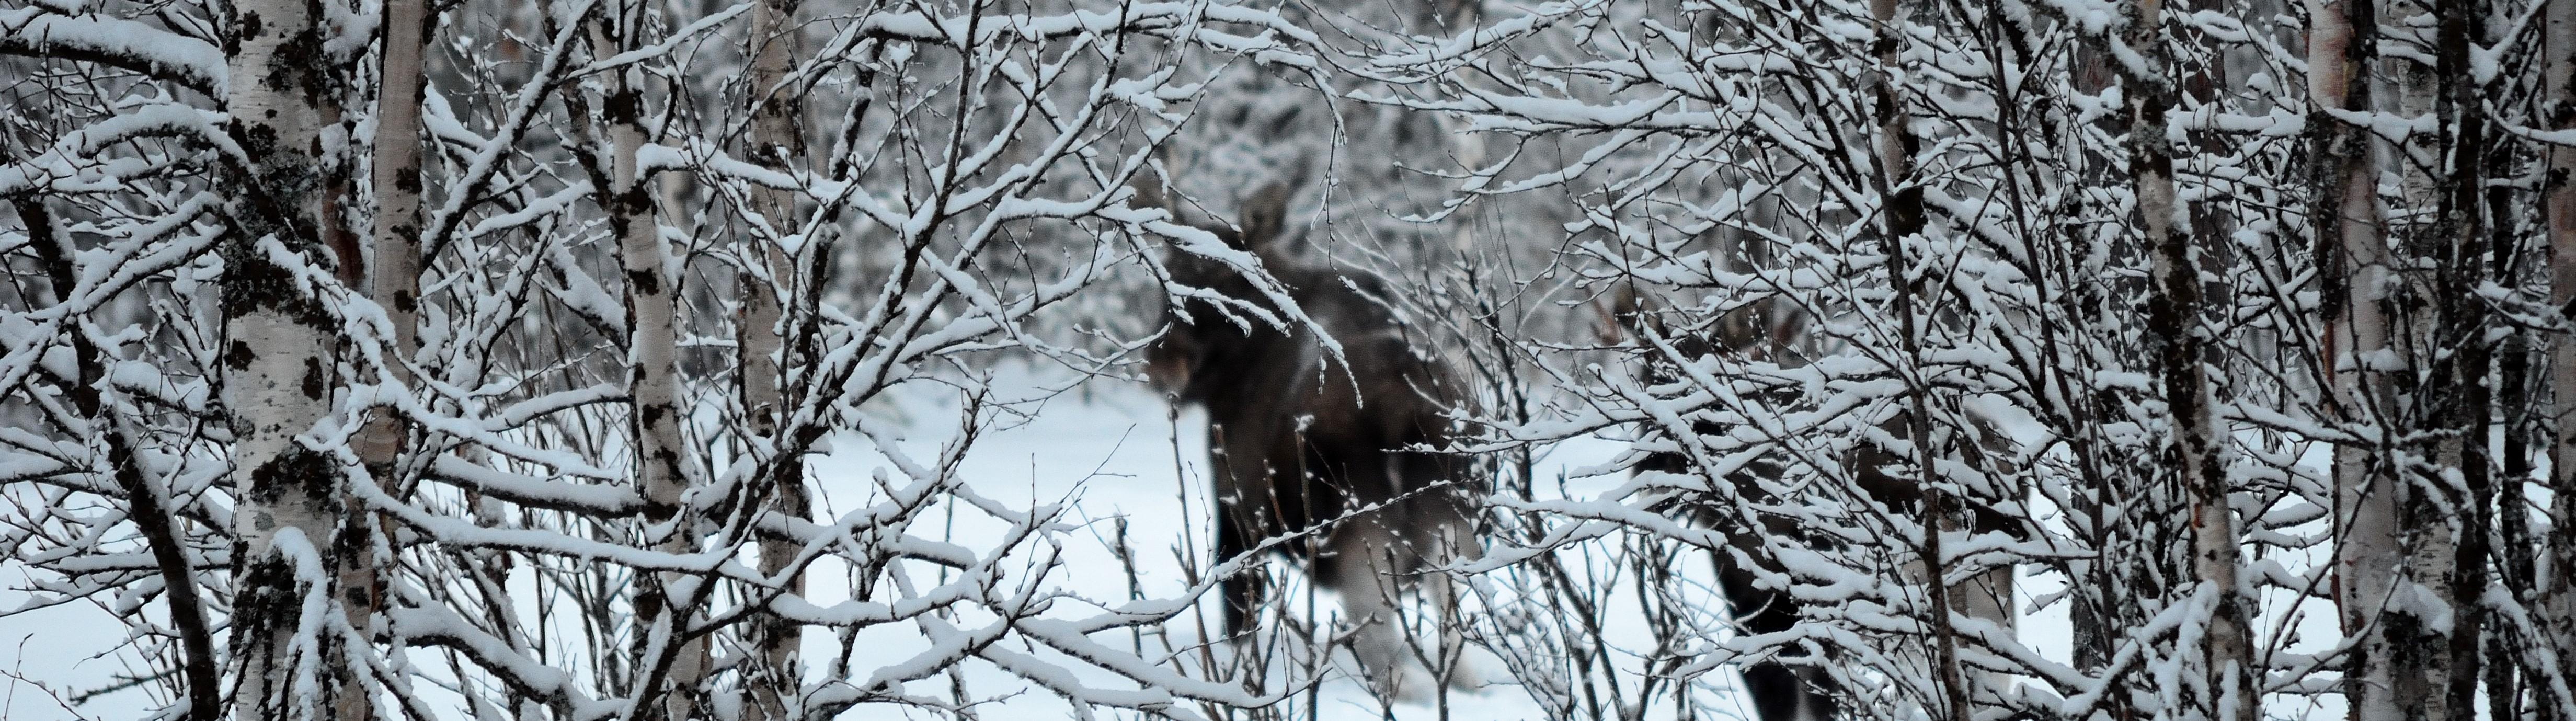 Illustrasjonsbilde av elg i skogen